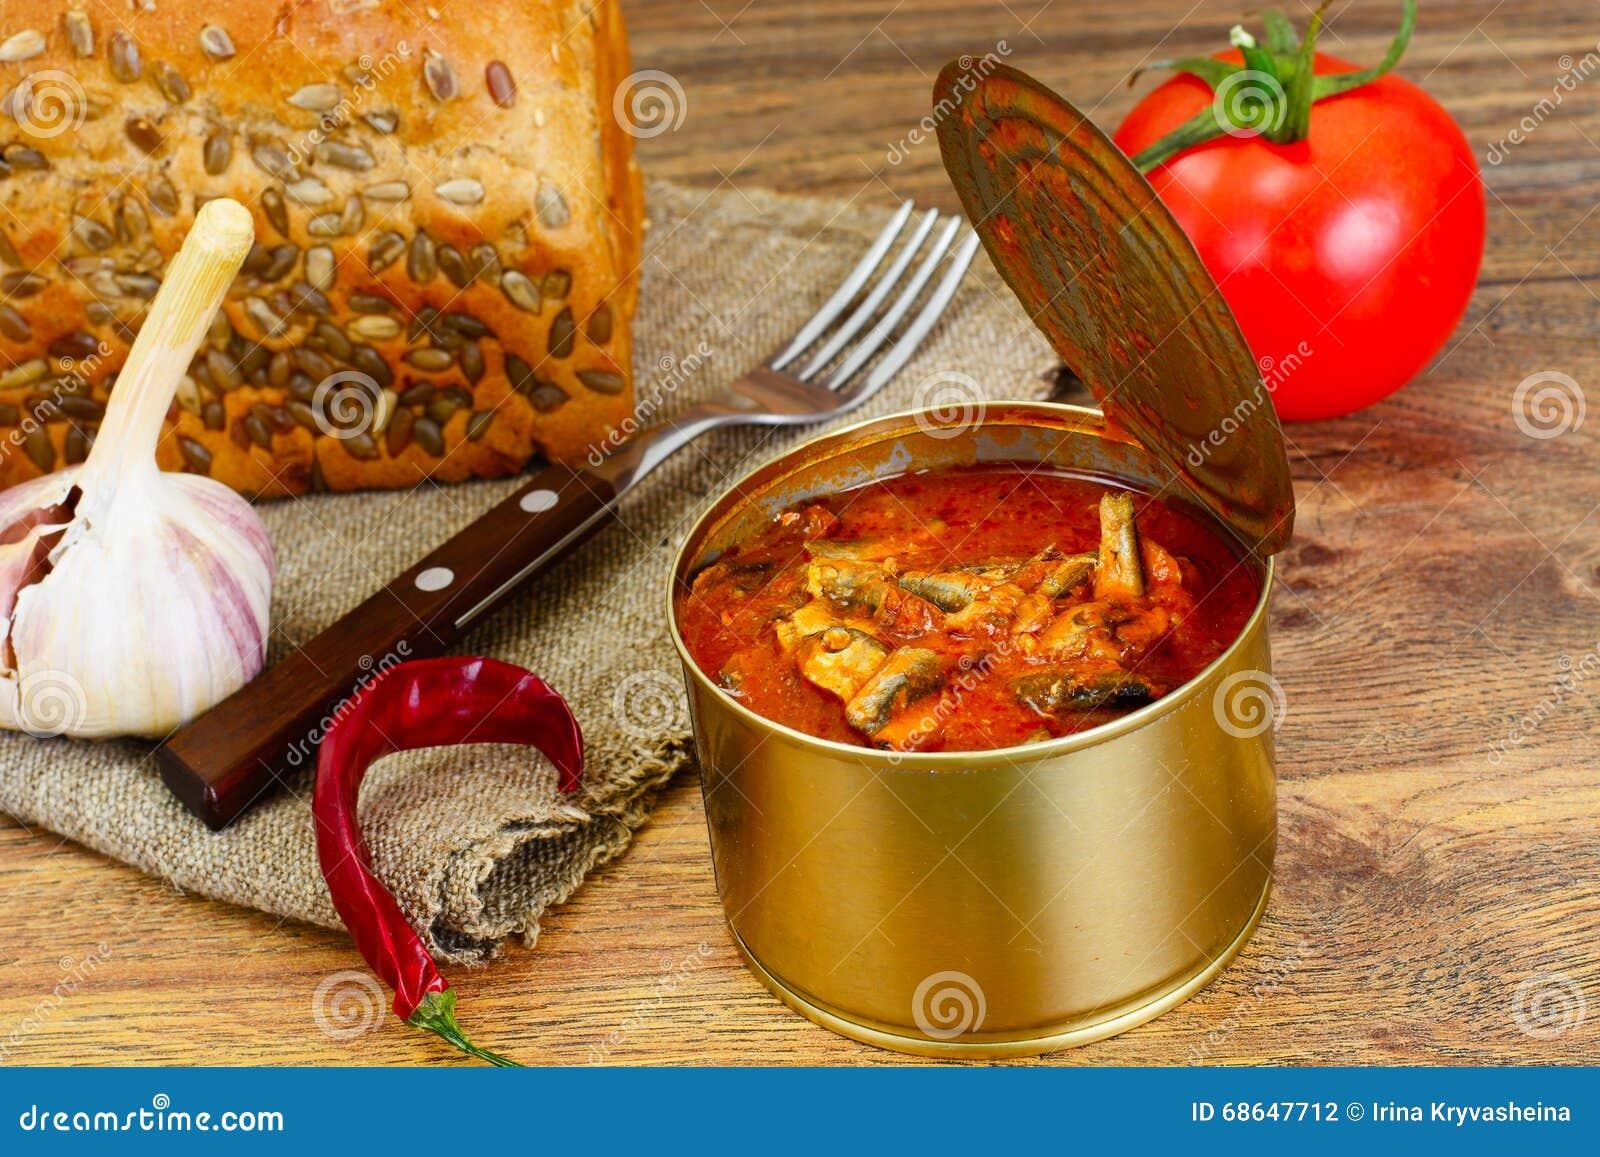 Fish sprat soup in tomato sauce: a recipe 41